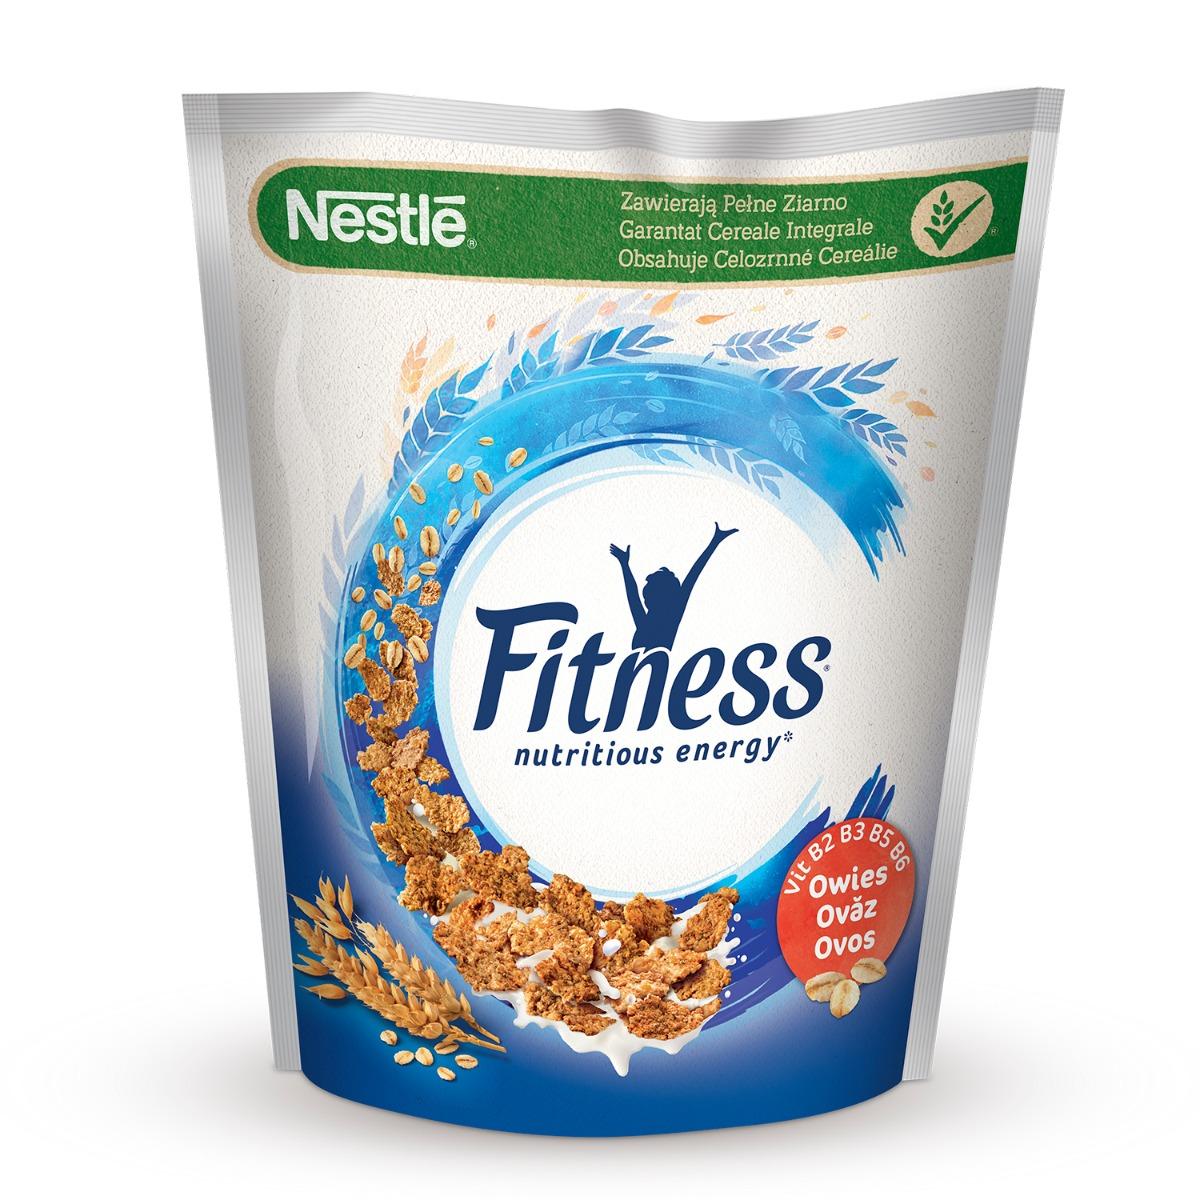 Cereale pentru mic dejun Nestle Fitness, 425 g imagine